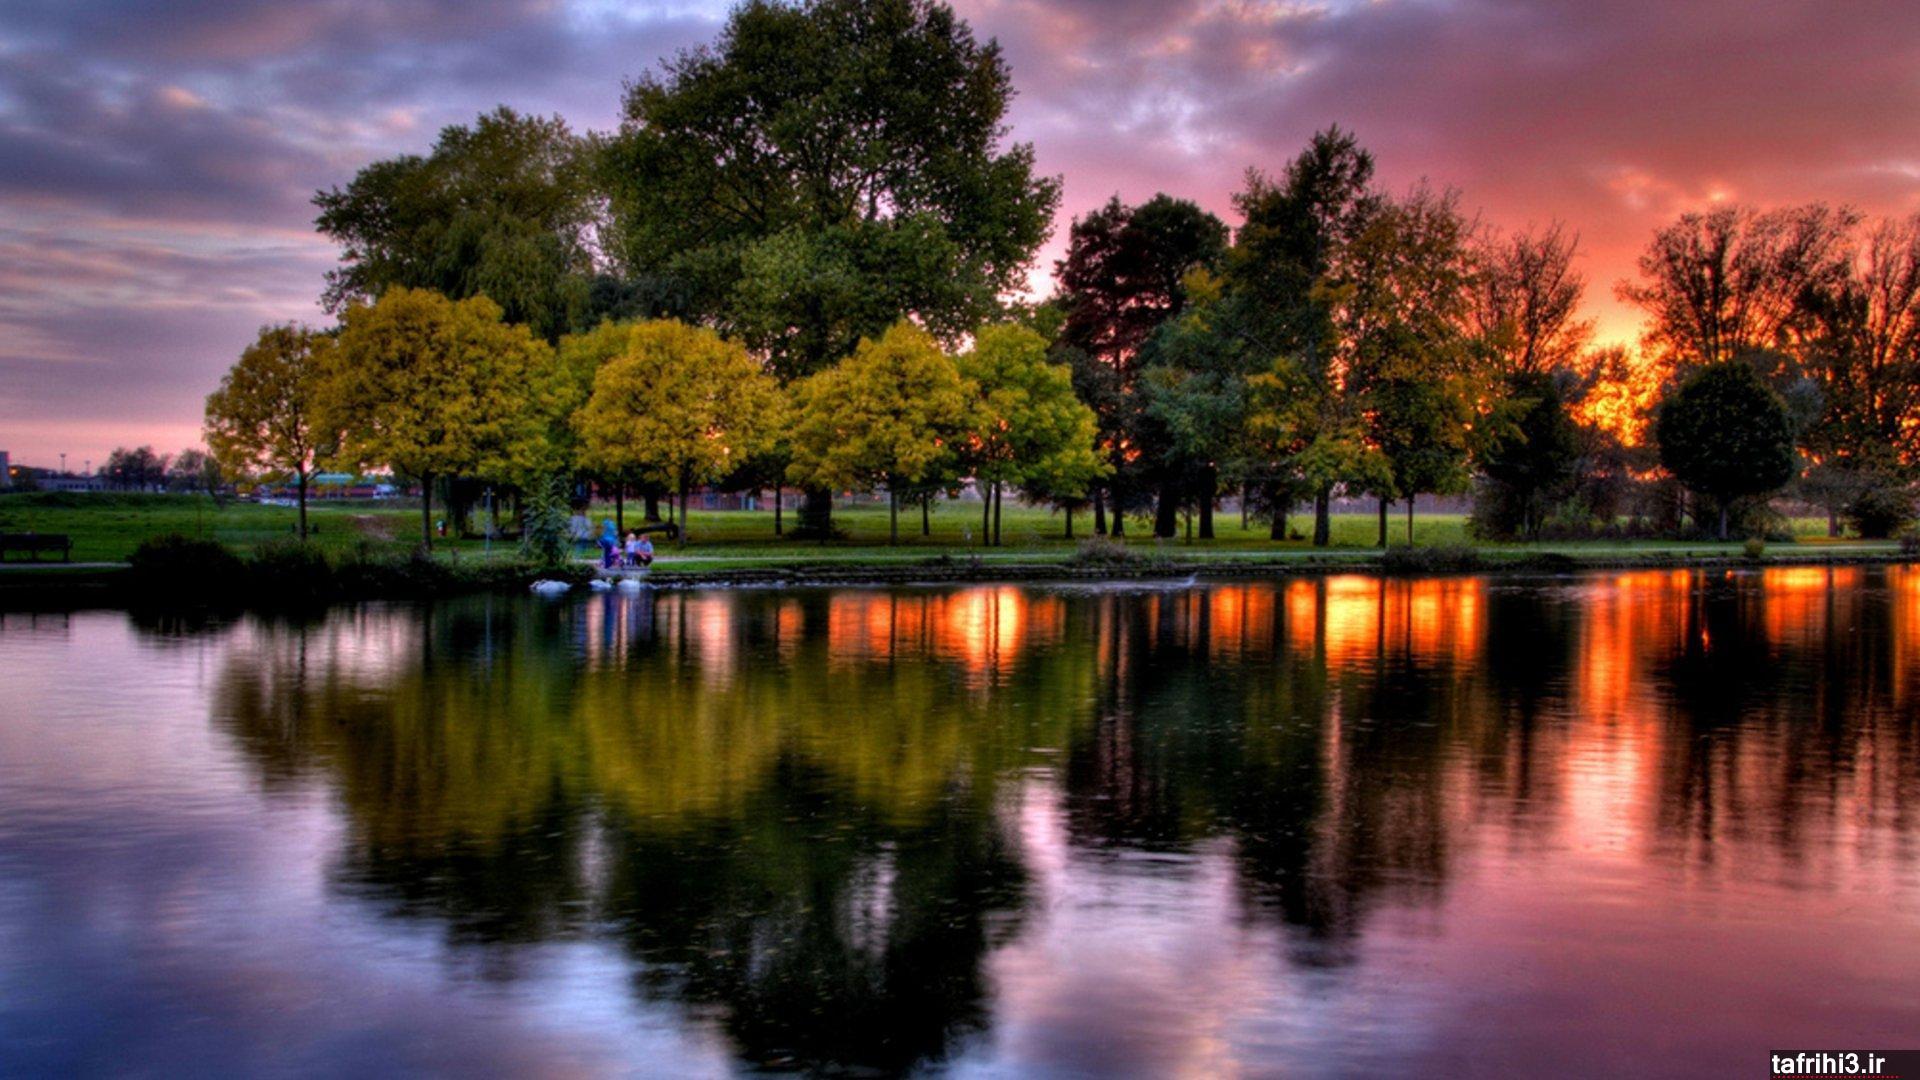 عکس های رمانتیک و زیبا از غروب آفتاب